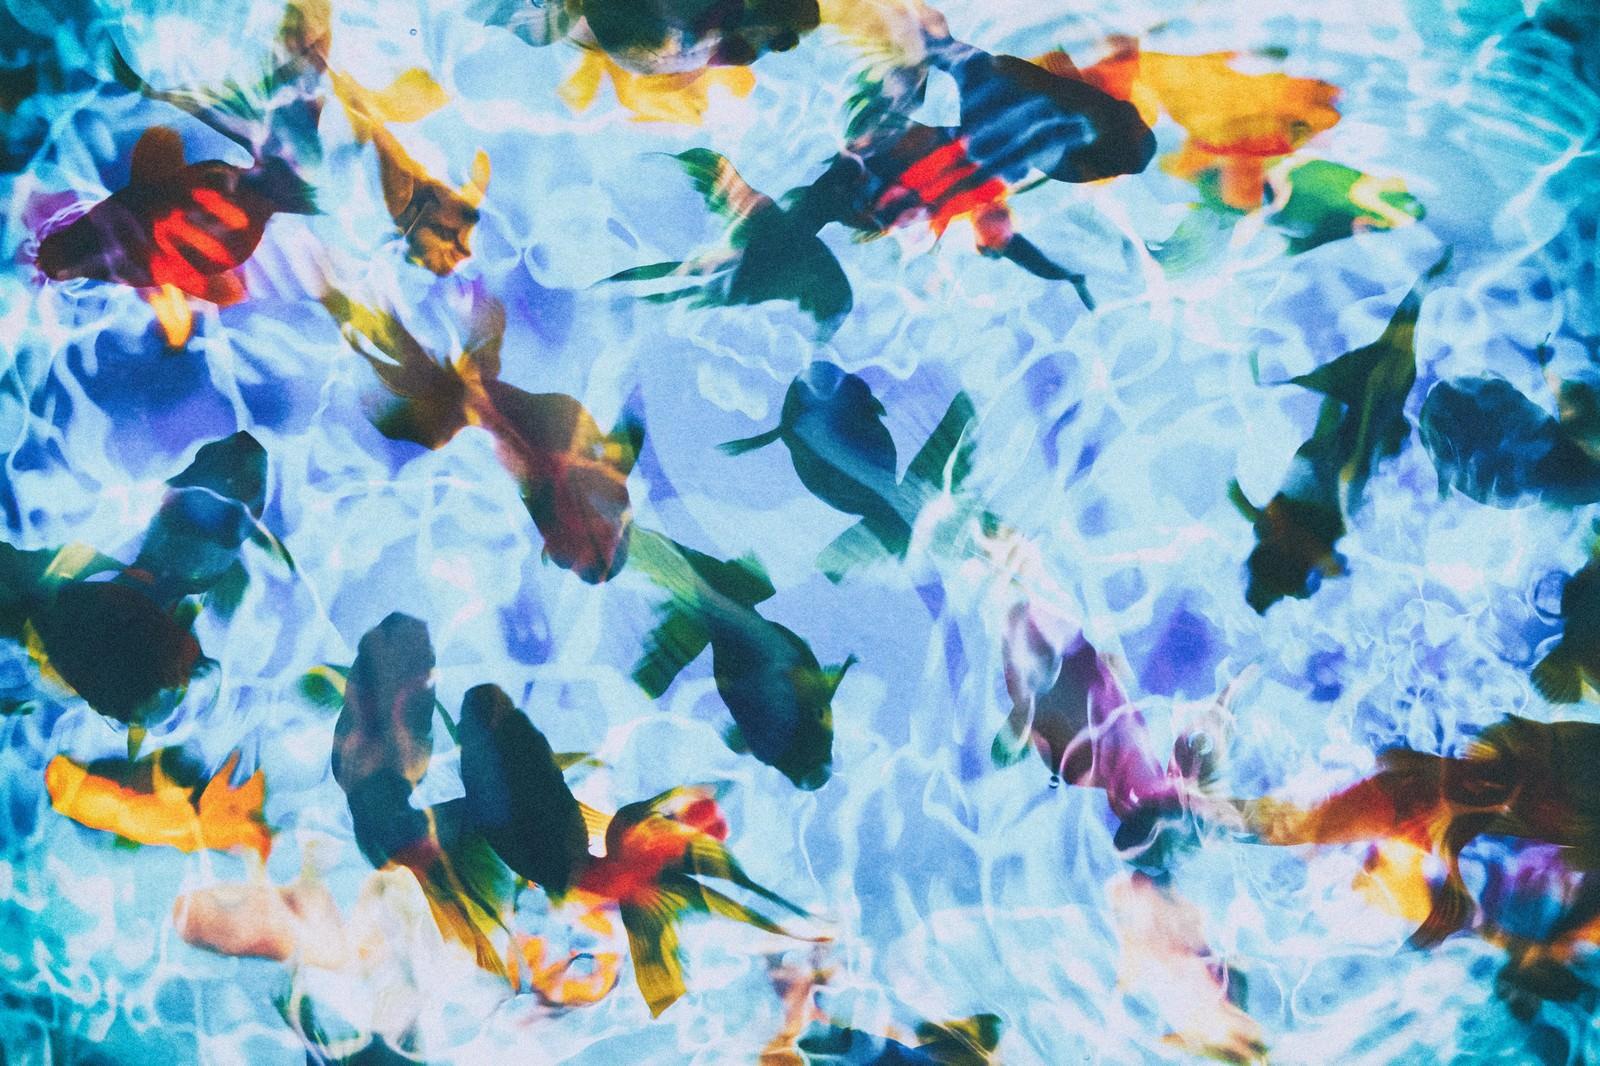 「波紋と金魚(フォトモンタージュ) | 写真の無料素材・フリー素材 - ぱくたそ」の写真